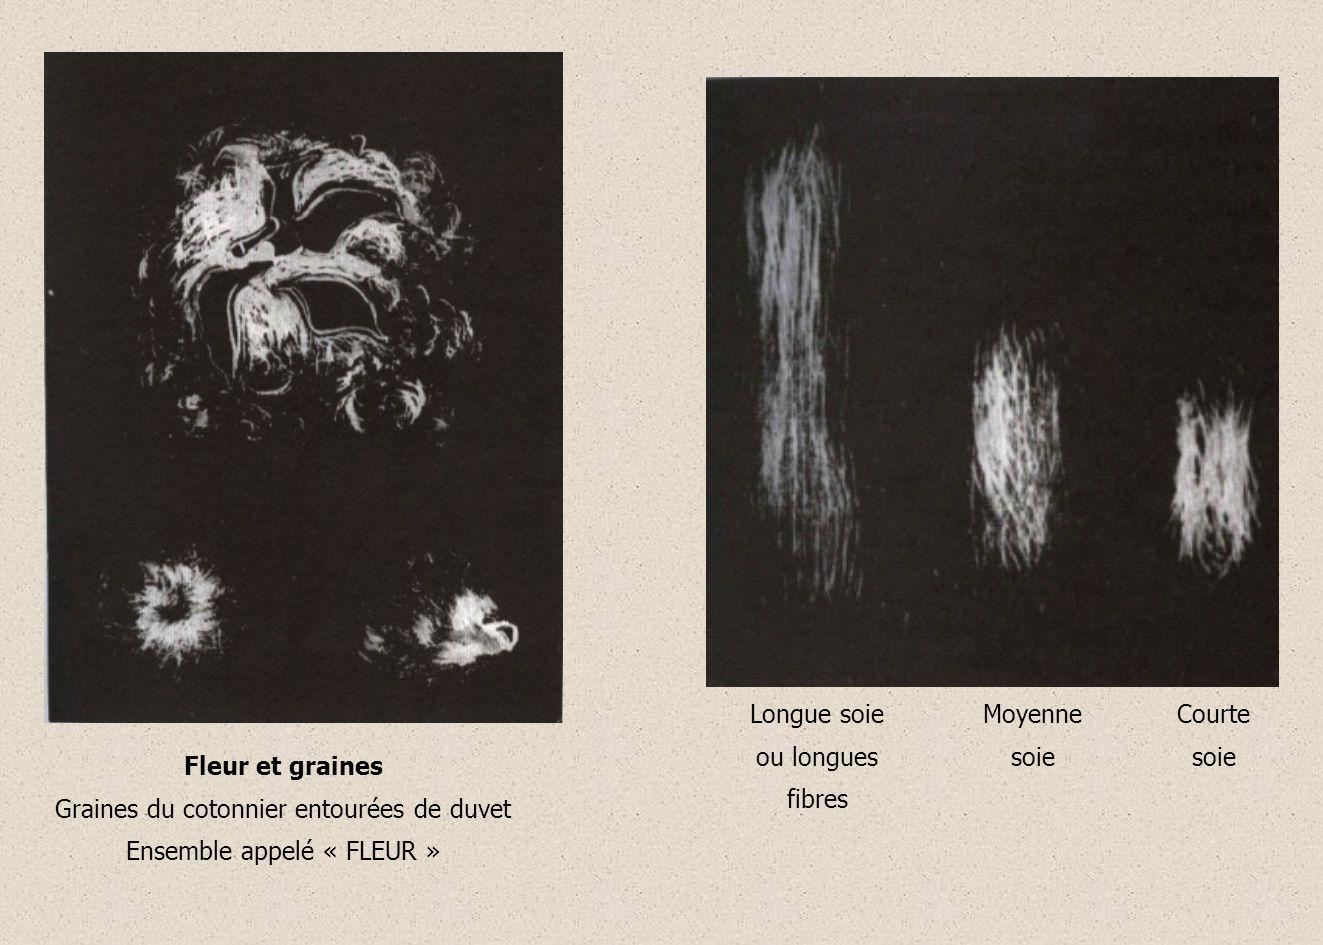 a) Origine végétale : Sève Caoutchouc Le fil de caoutchouc est produit par la sève de larbre, lhévéa ; cest un élastomère naturel.